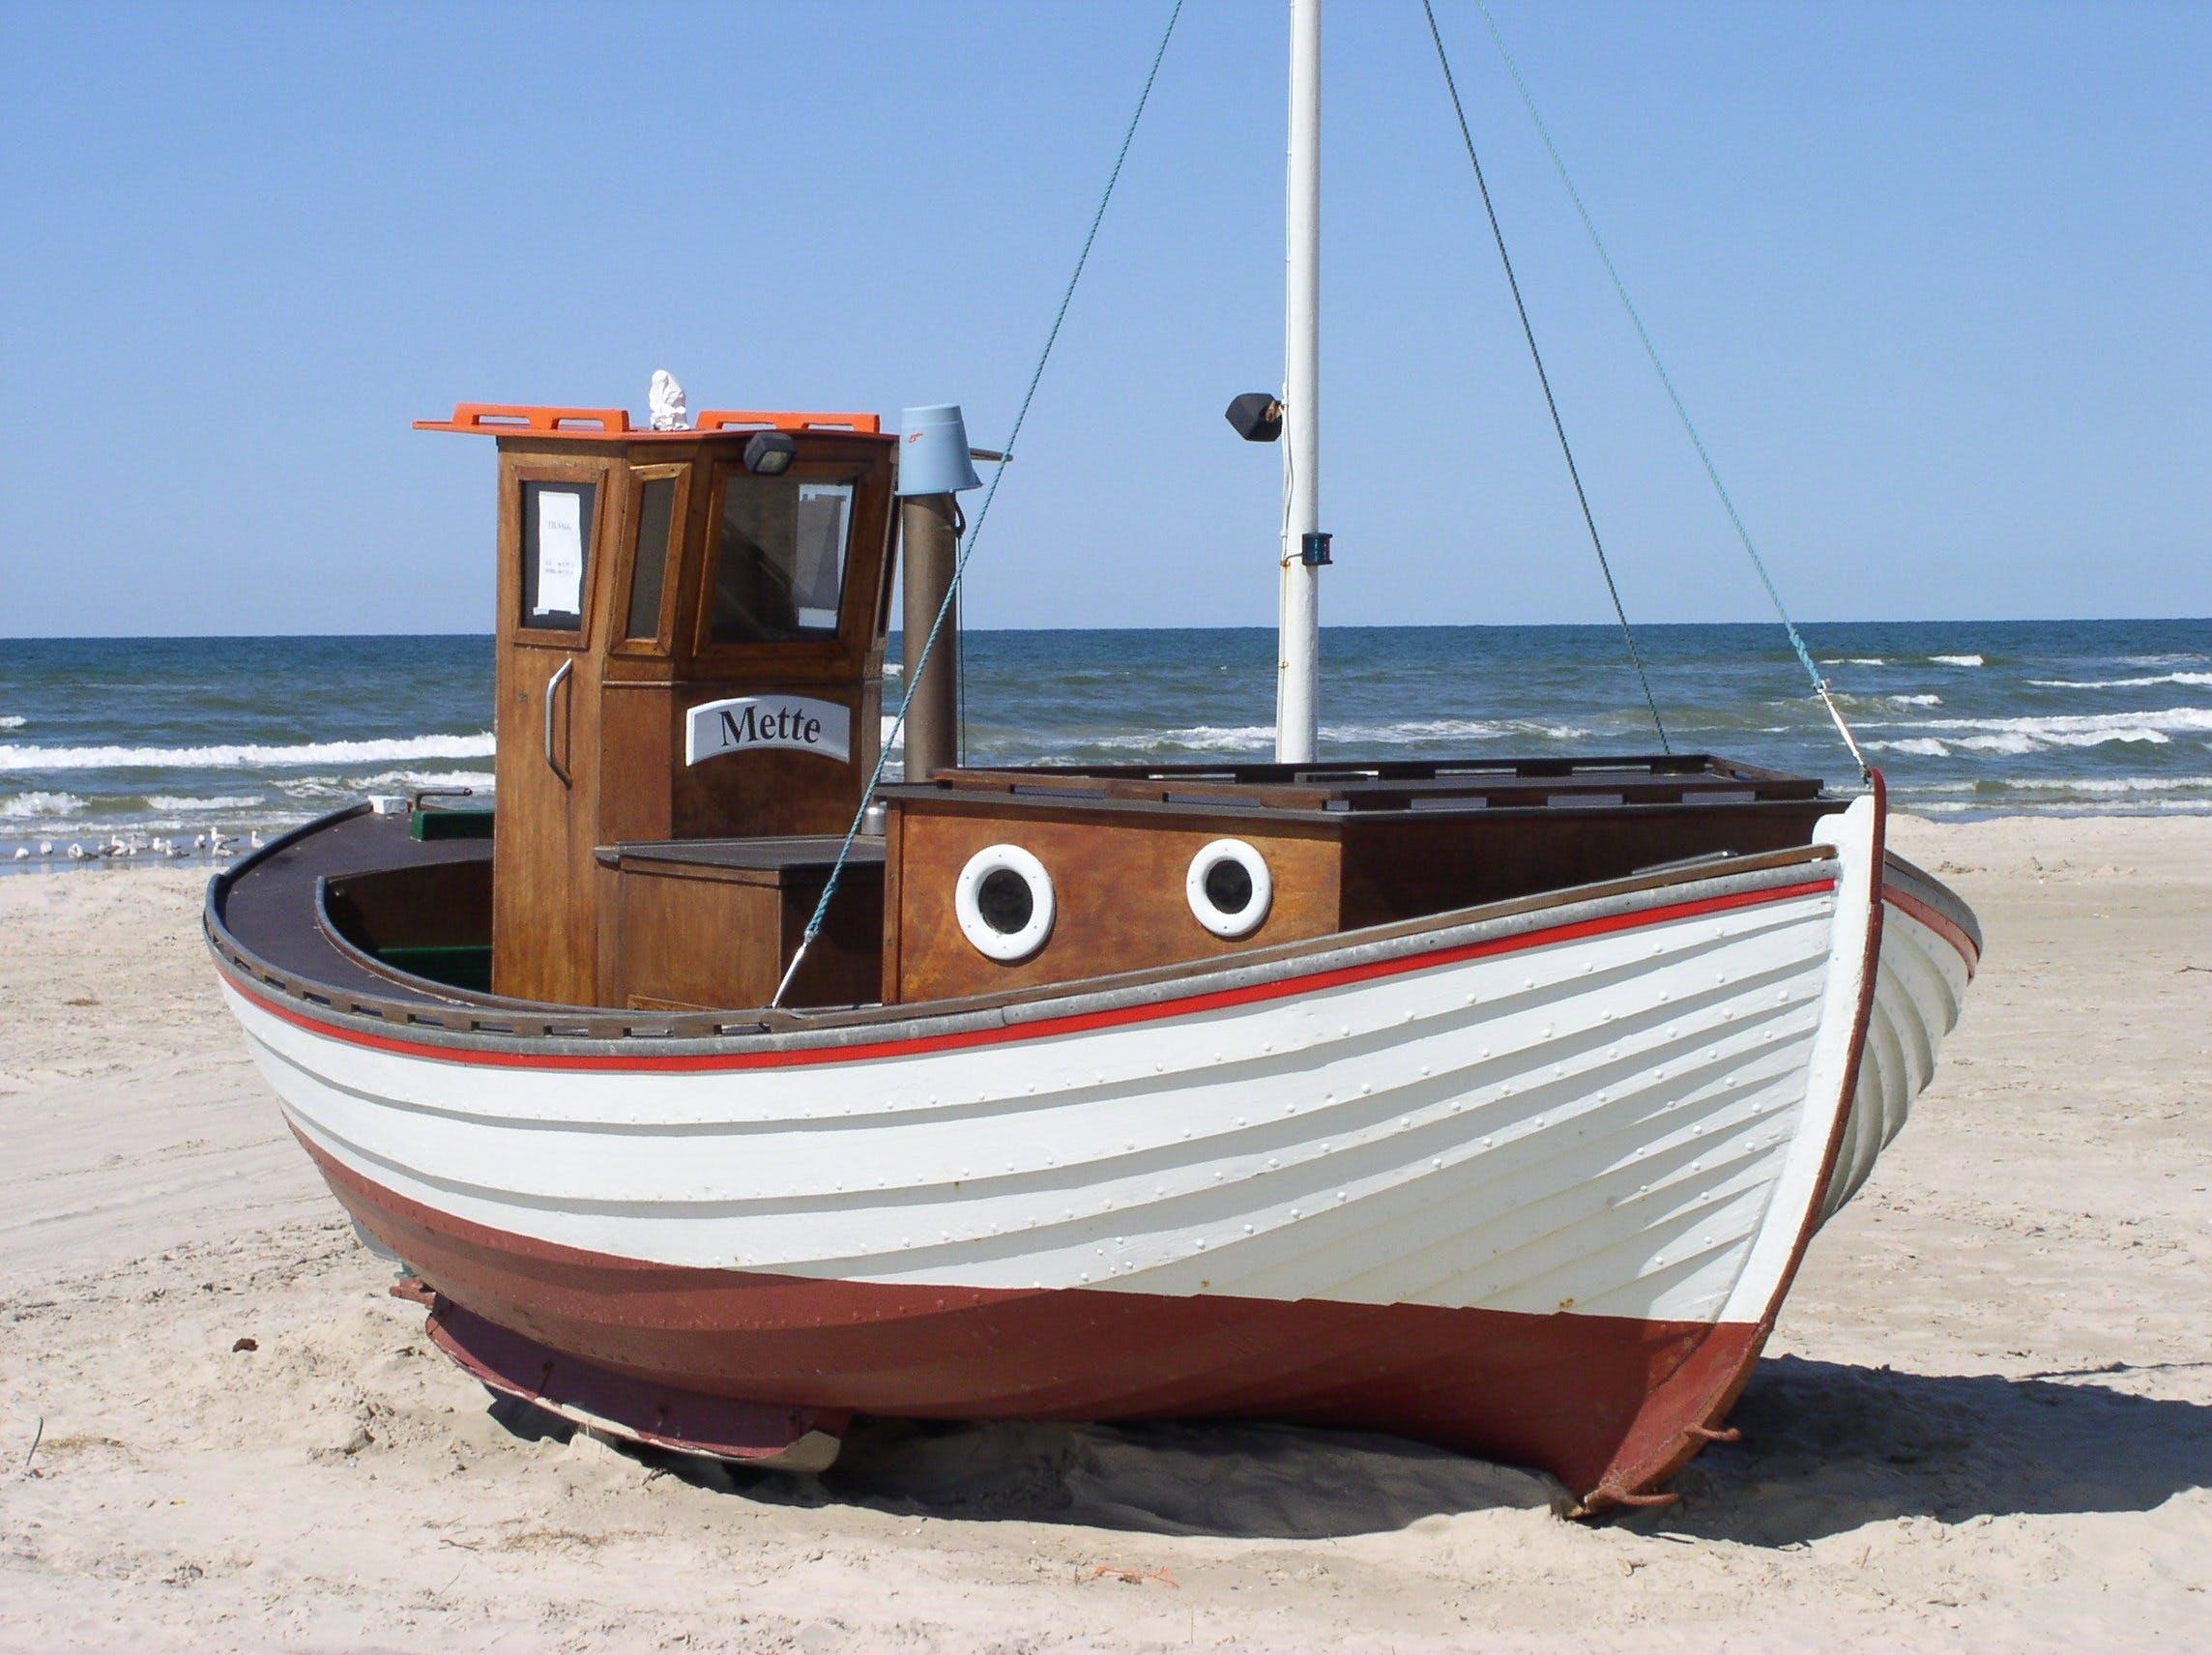 Kostnadsfri bild av båt, hav, havsområde, havsstrand